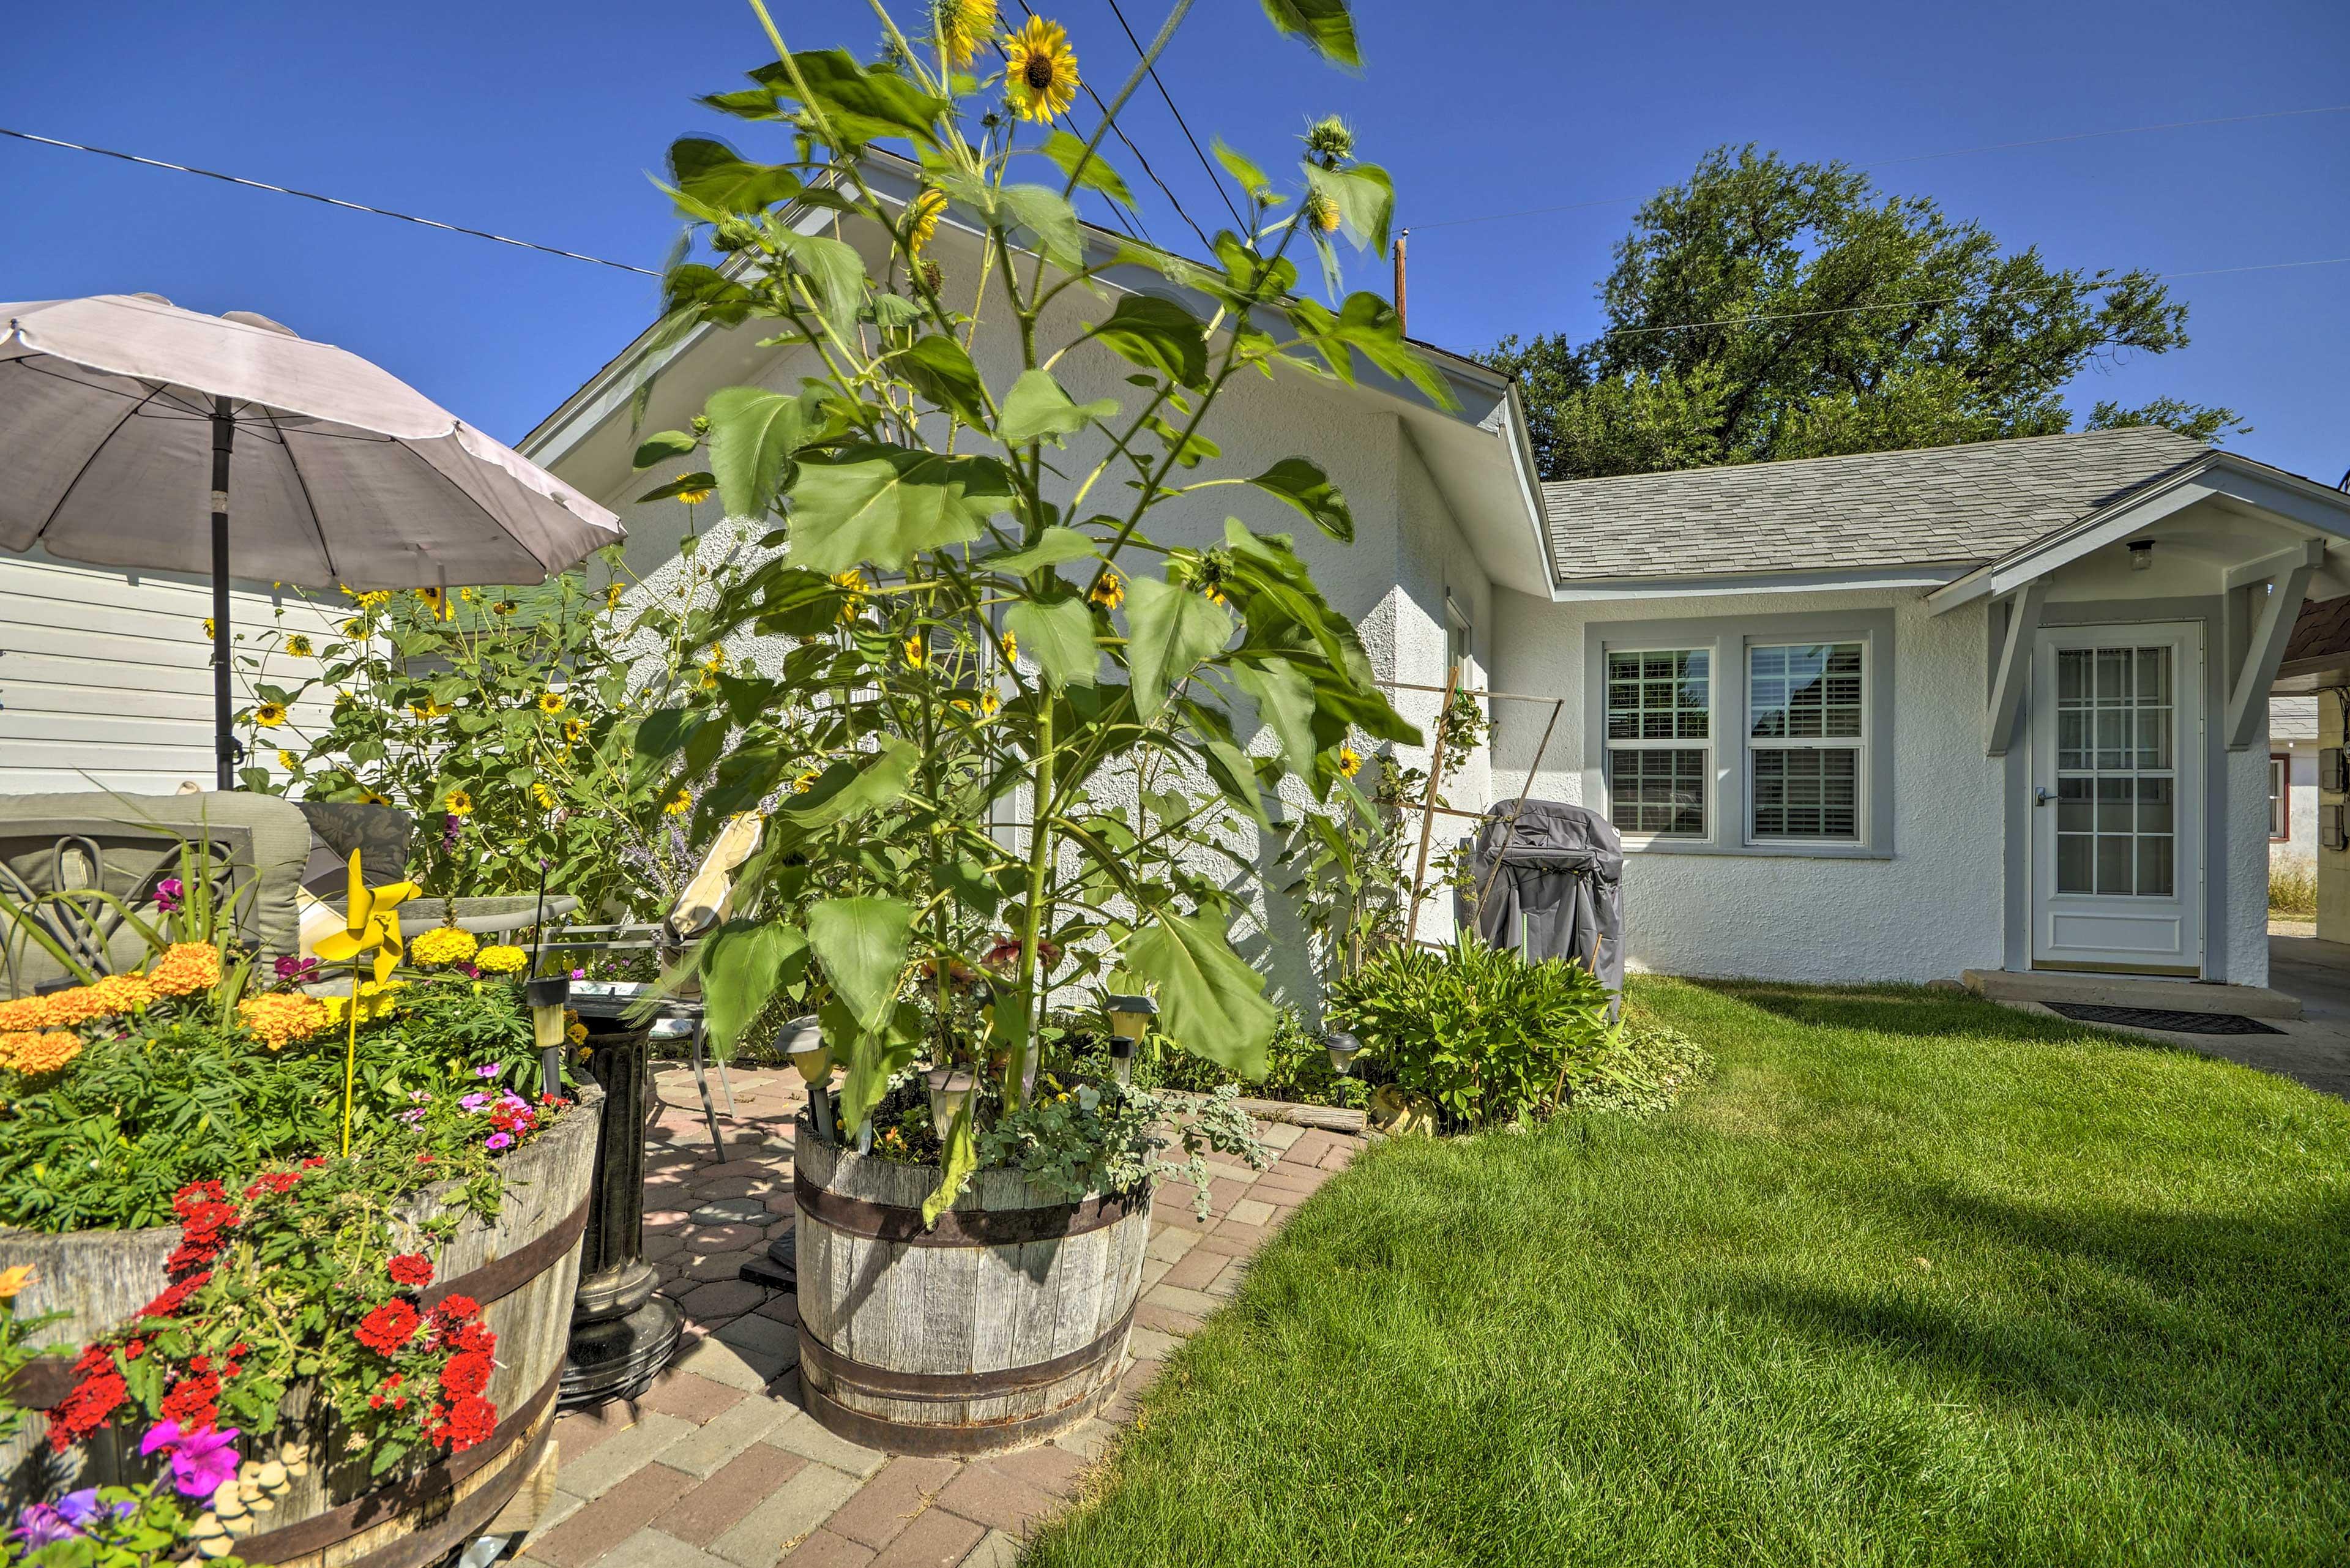 Enjoy the lush foliage in the yard.